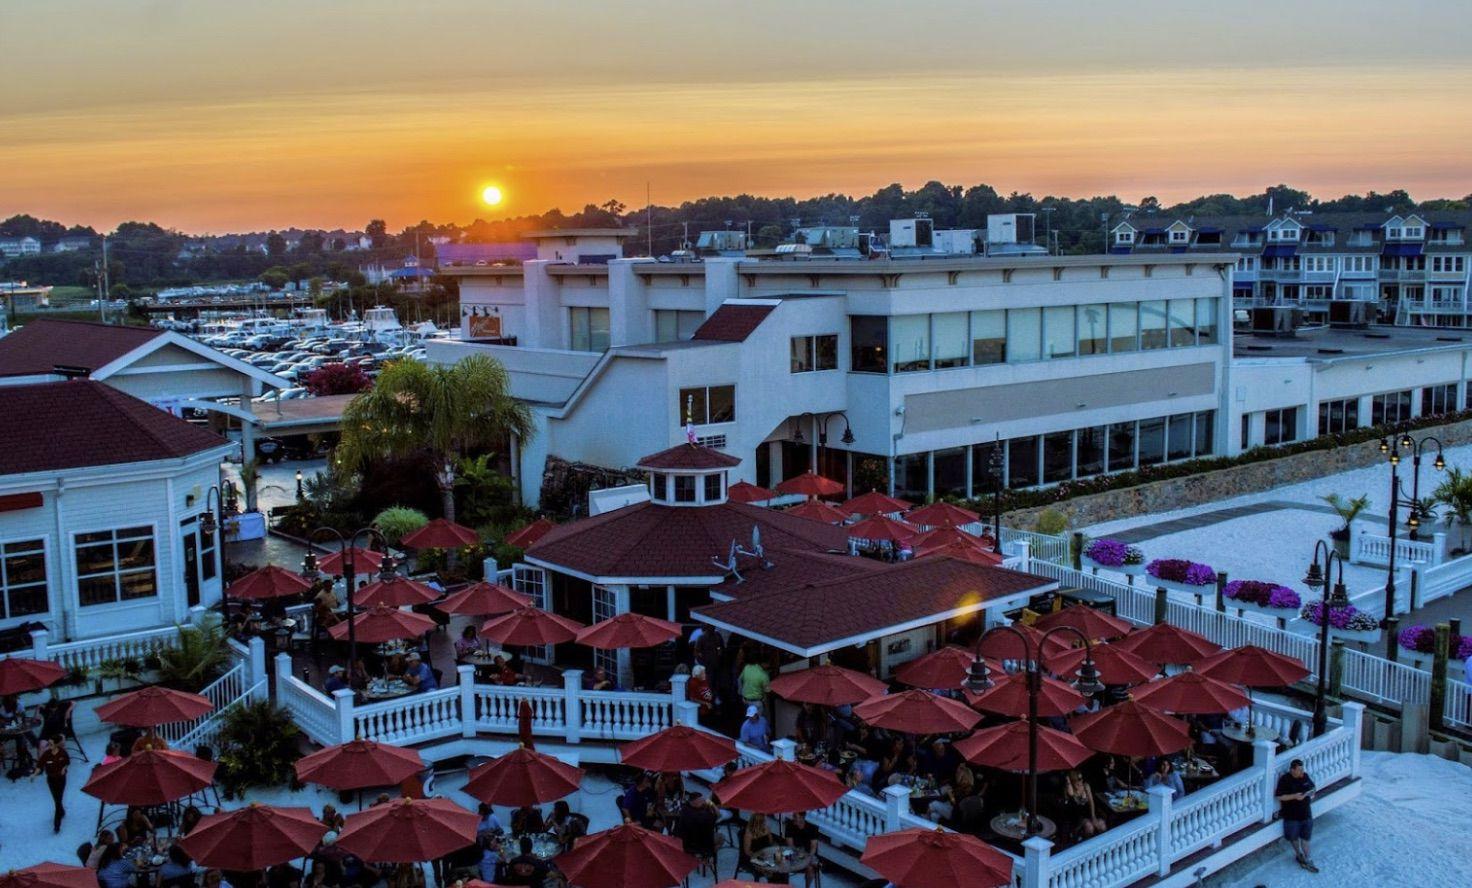 De 9 Bedste Chesapeake Bay Hoteller Af 2019